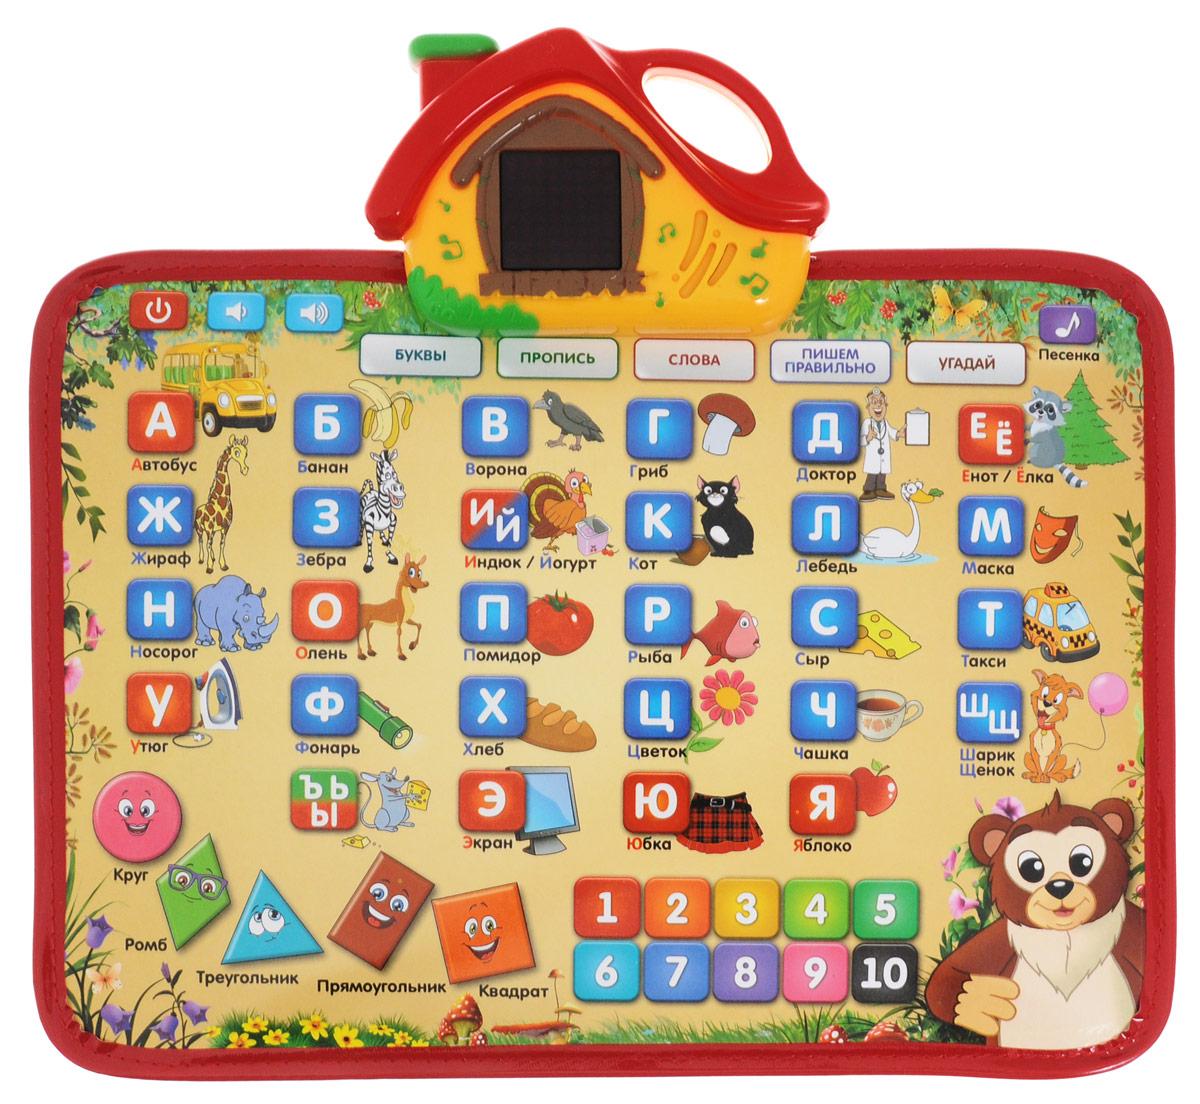 S+S Toys Интерактивный планшет Маленький отличник медвежонок ЫхEH80128RИнтерактивный планшет Маленький отличник медвежонок Ых предназначен для детей от 3-х лет. Интерактивный планшет с двумя рабочими поверхностями и дополнительным небольшим светодиодным экраном поможет ребёнку развить память, мелкую моторику, логику, воображение, внимательность, а также художественно-творческие способности. Одна рабочая поверхность планшета представляет собой платформу с кнопками и светодиодным экраном. Данная платформа станет отличным помощником в самостоятельном изучении букв русского алфавита, цифр от 1 до 10 и геометрических фигур. В весёлой стихотворной форме планшет расскажет и покажет на экране, как писать буквы и цифры, в какую сторону правильно вести линию. В режиме Угадай ребёнок сможет проверить и закрепить полученные знания. А для того, чтобы процесс обучения не был утомительным, медвежонок Ых приготовил веселую песенку. Вторая сторона представляет собой пластиковую поверхность, которая предназначена для рисования фломастерами. ...